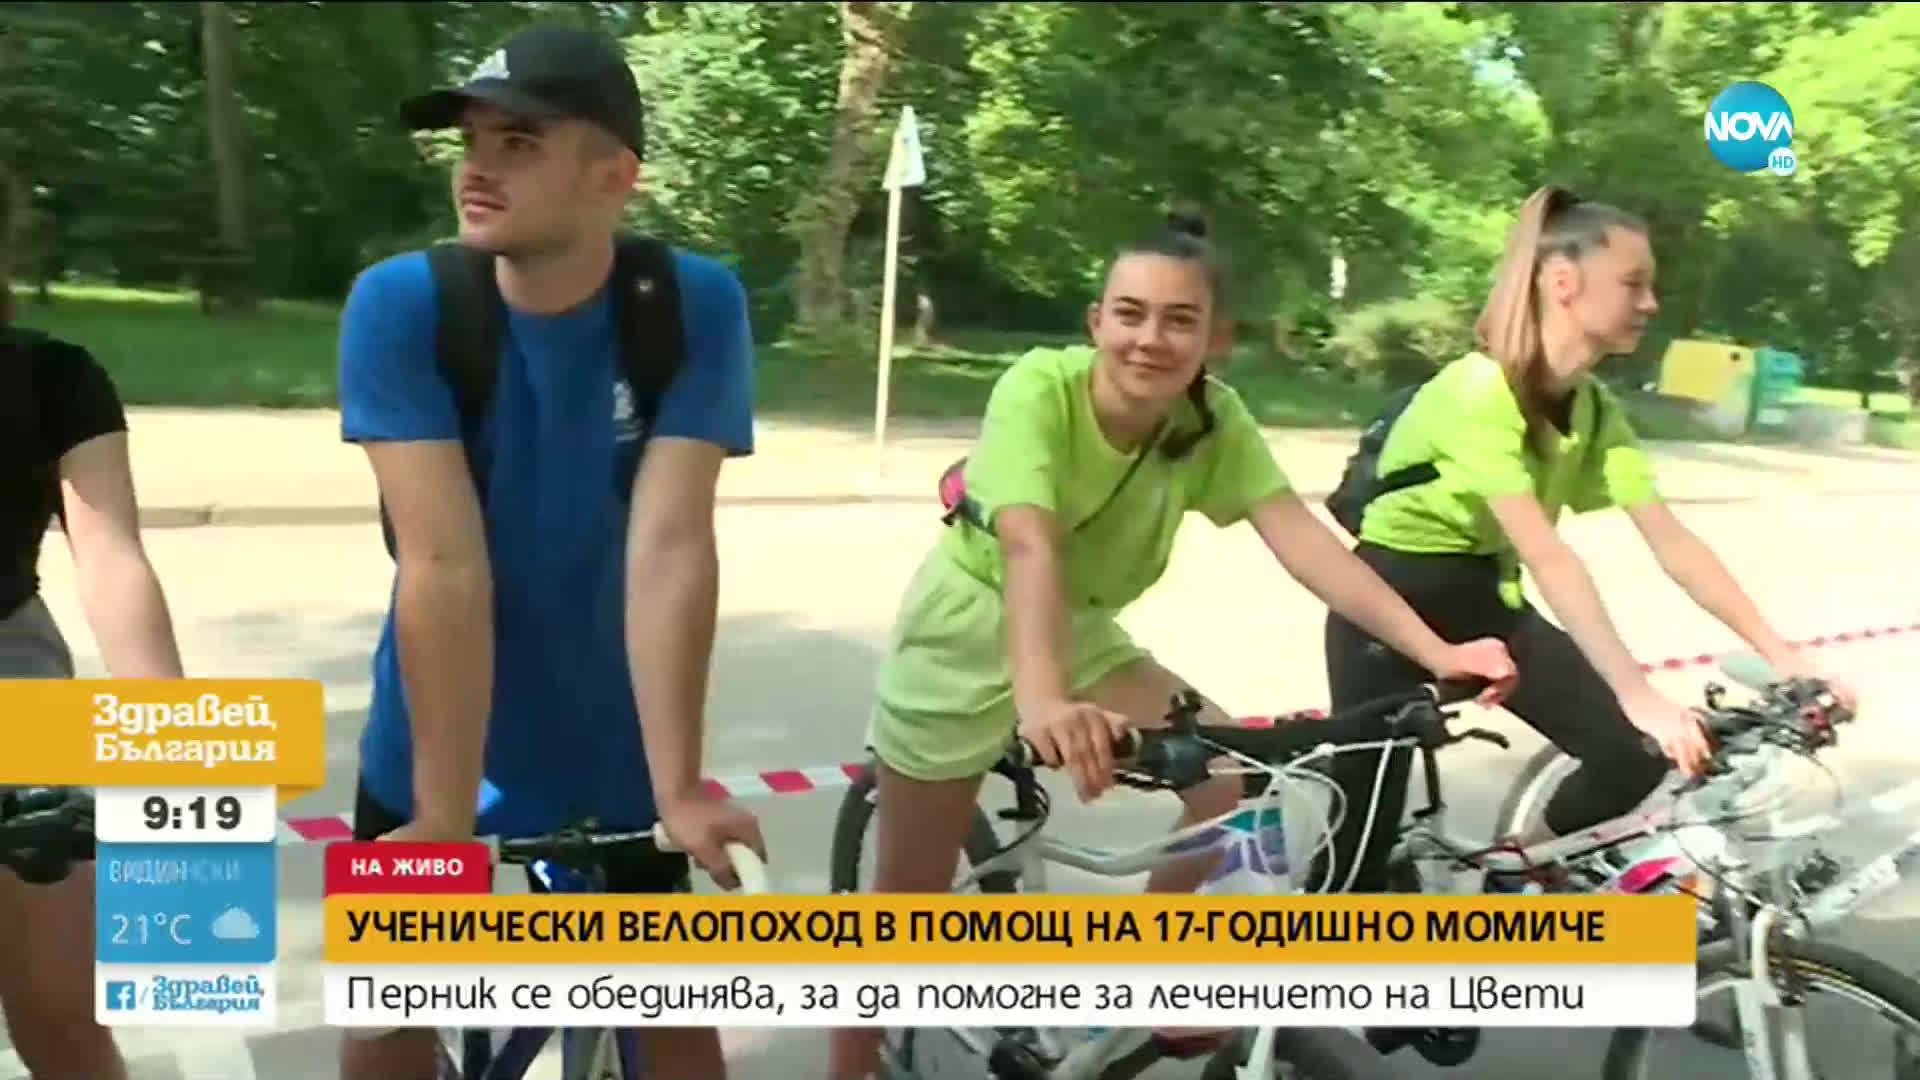 Велопоход в помощ на 17-годишно момиче, което се бори за живота си